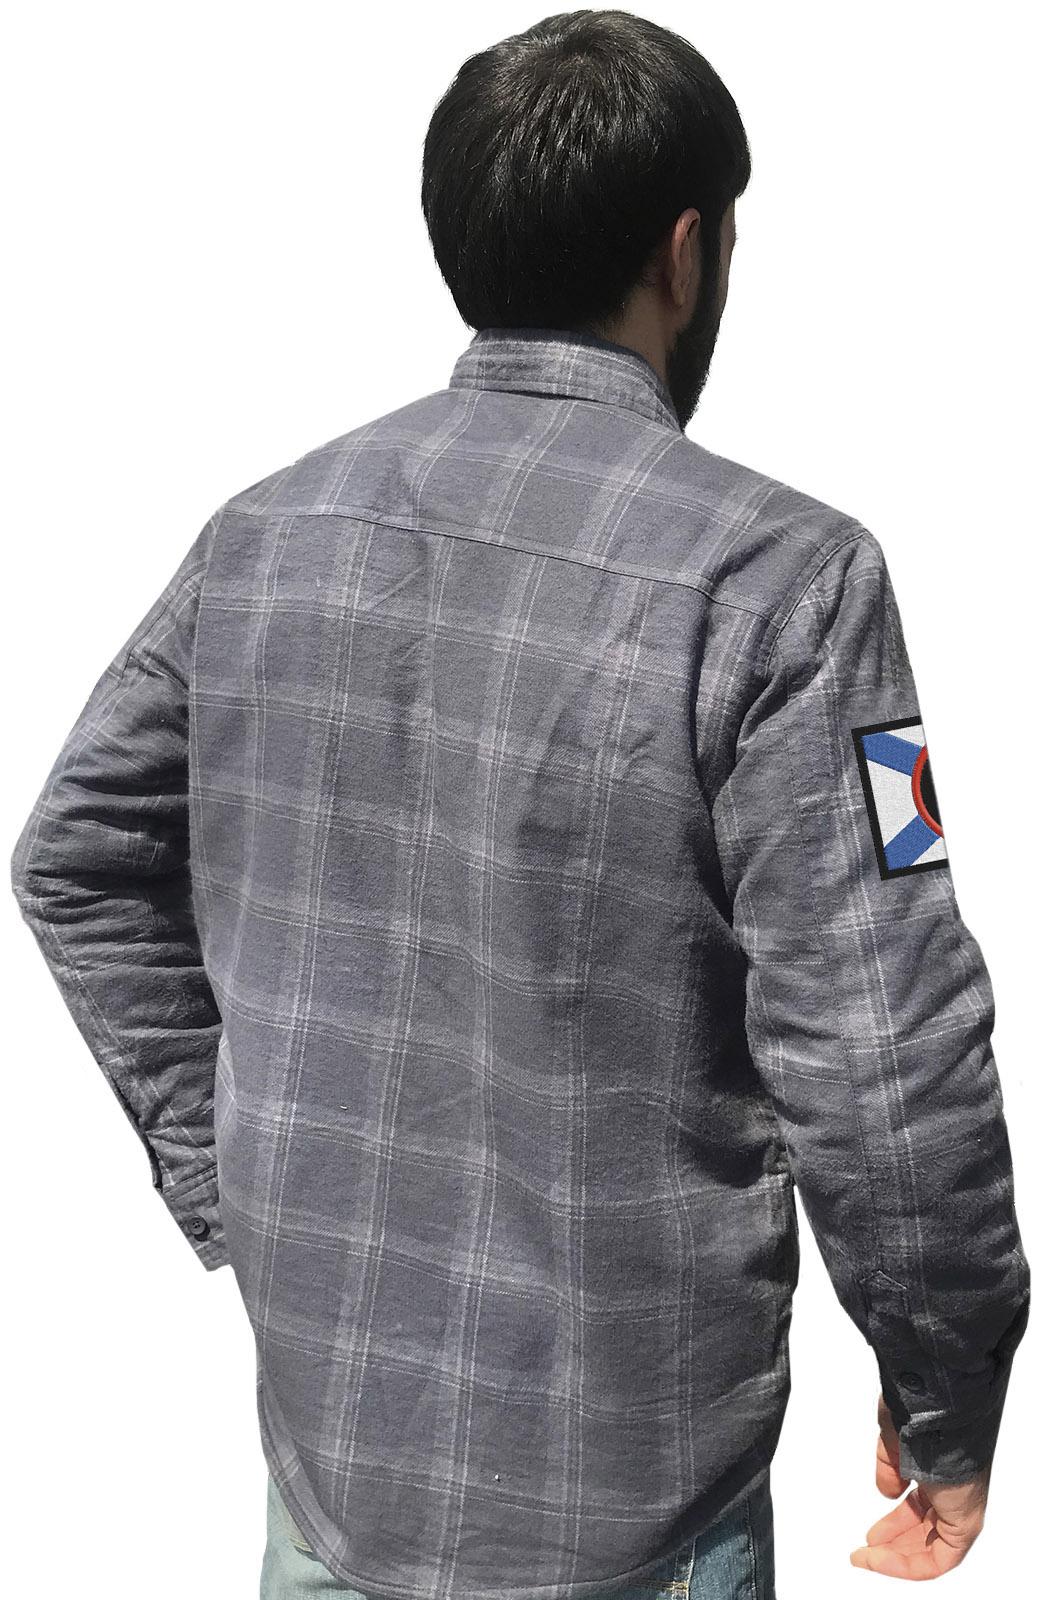 Мужская рубашка в клетку для морпеха заказать оптом